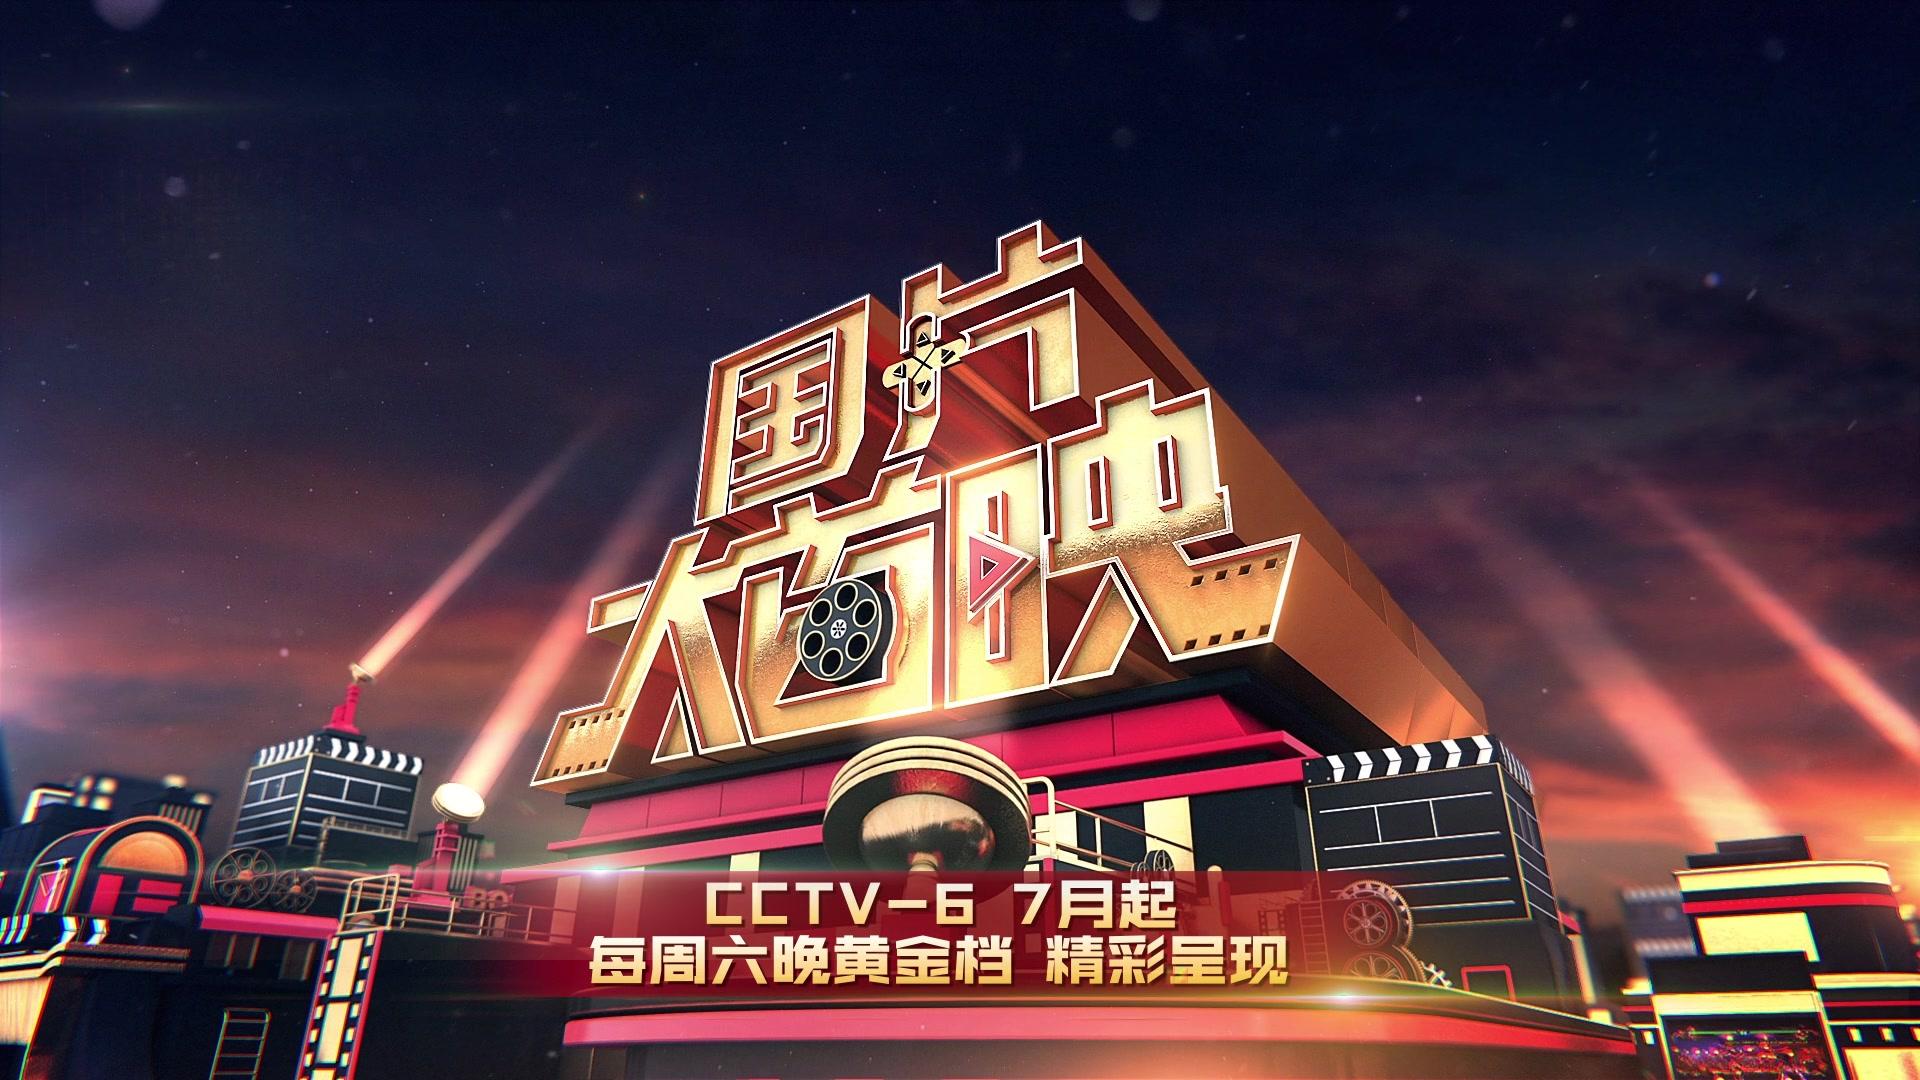 请问cctv6电影频道,放电影时加广告那段音乐是名字?宜昌万达电影票图片